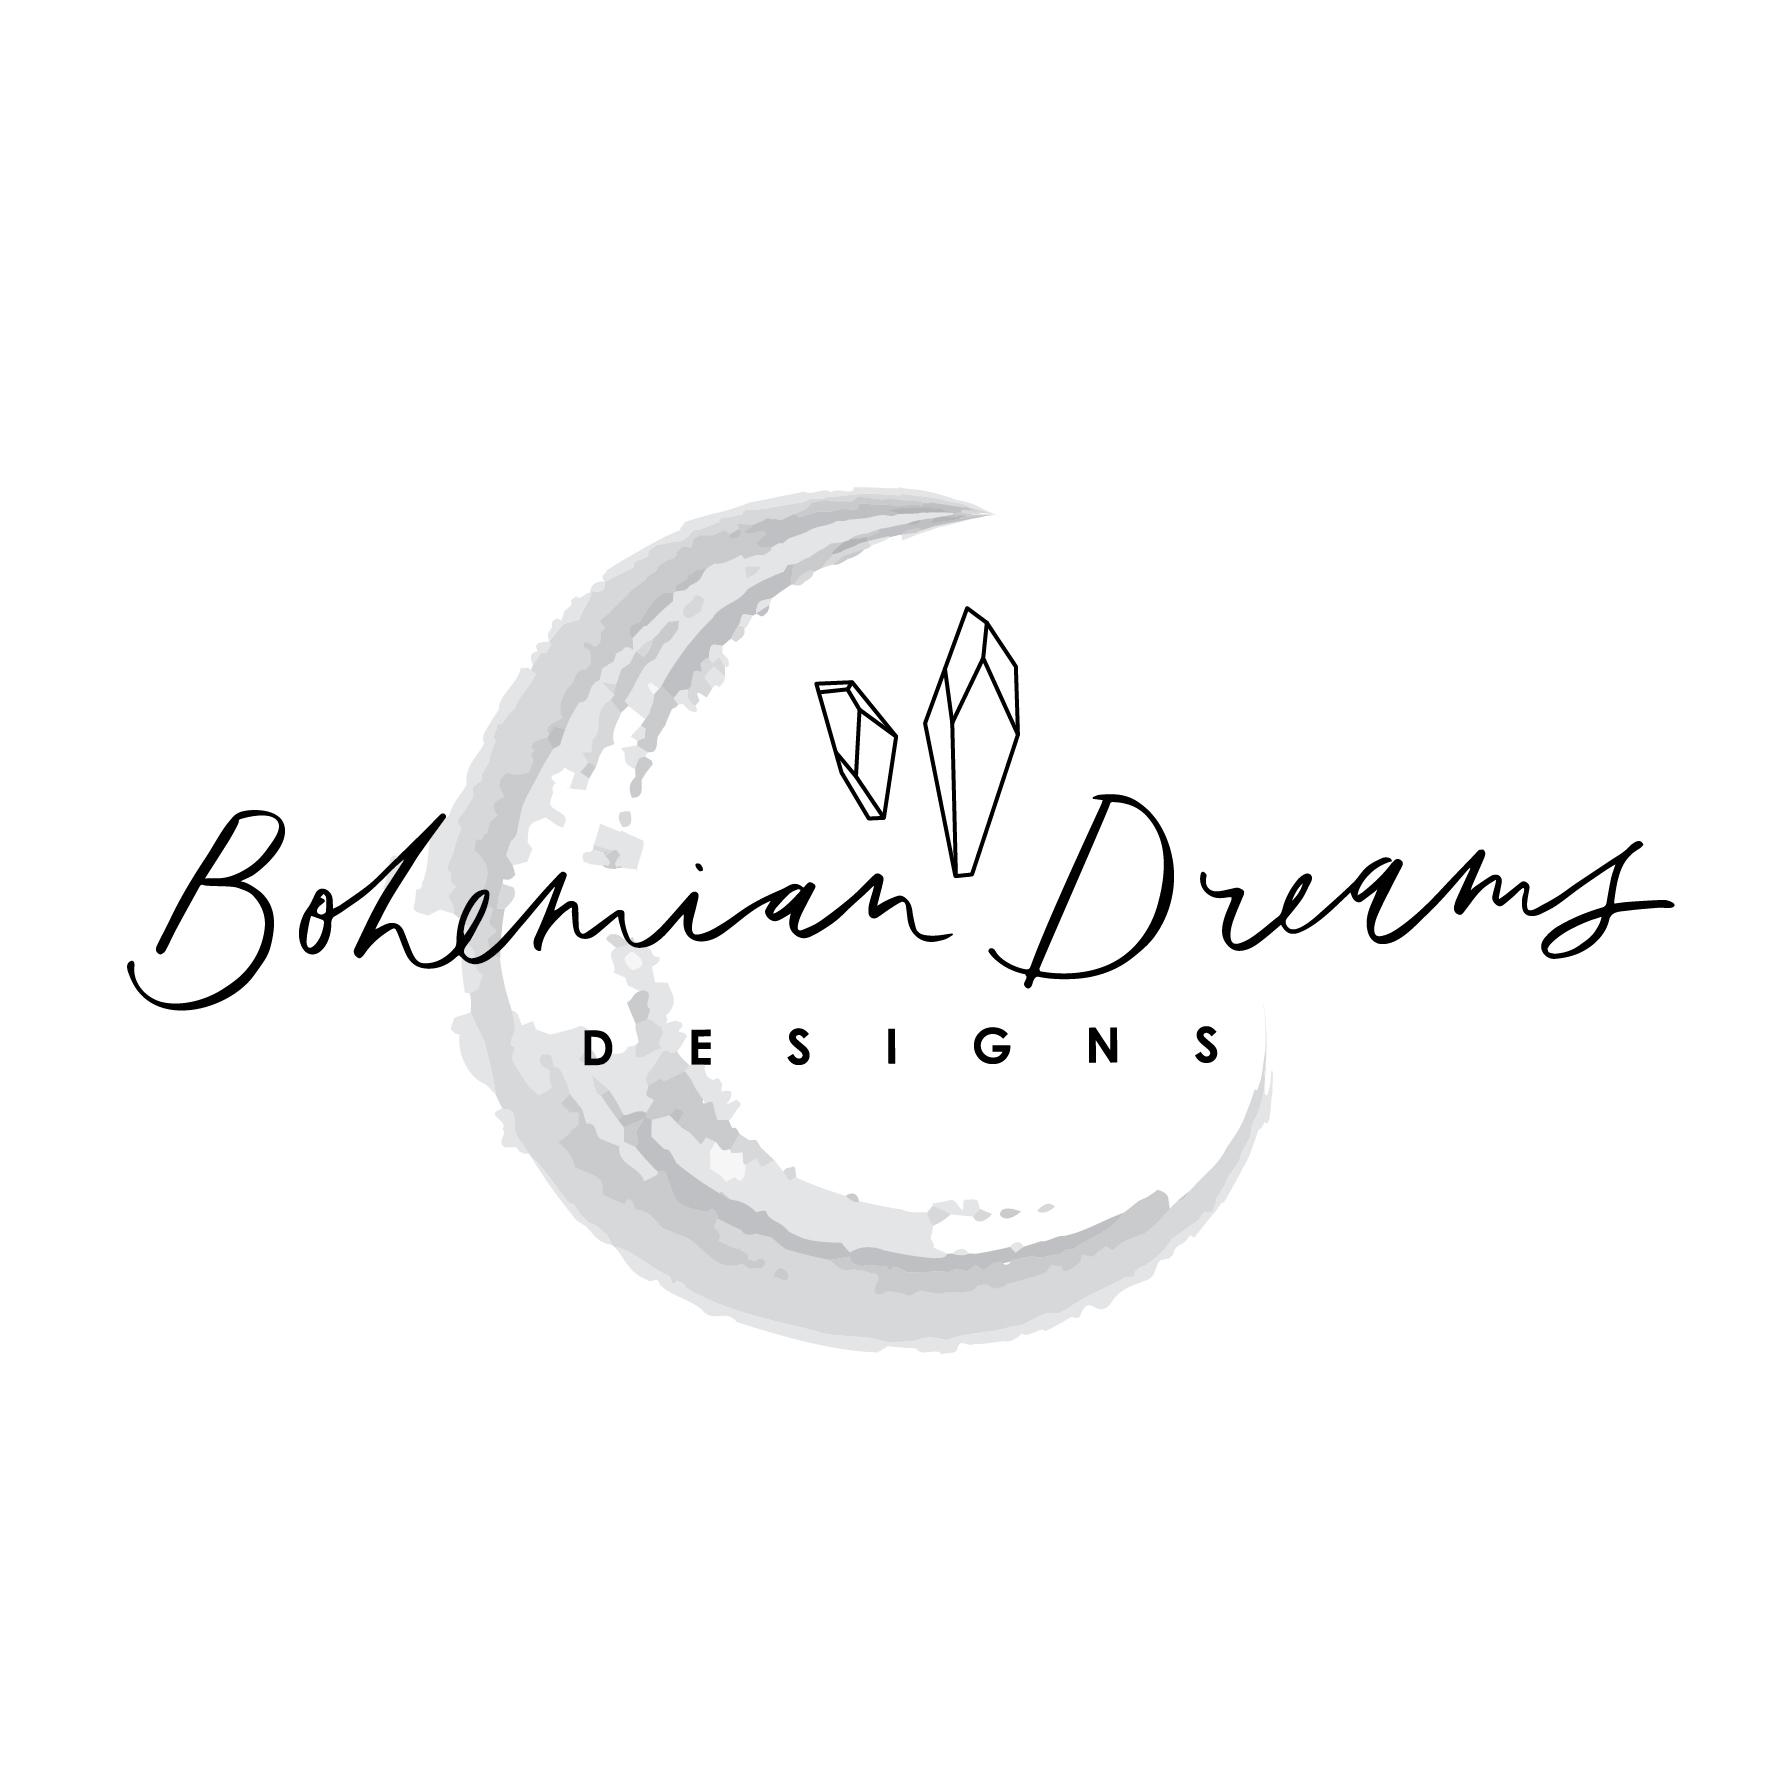 Light of Leni | Logos | Bohemian Dreams